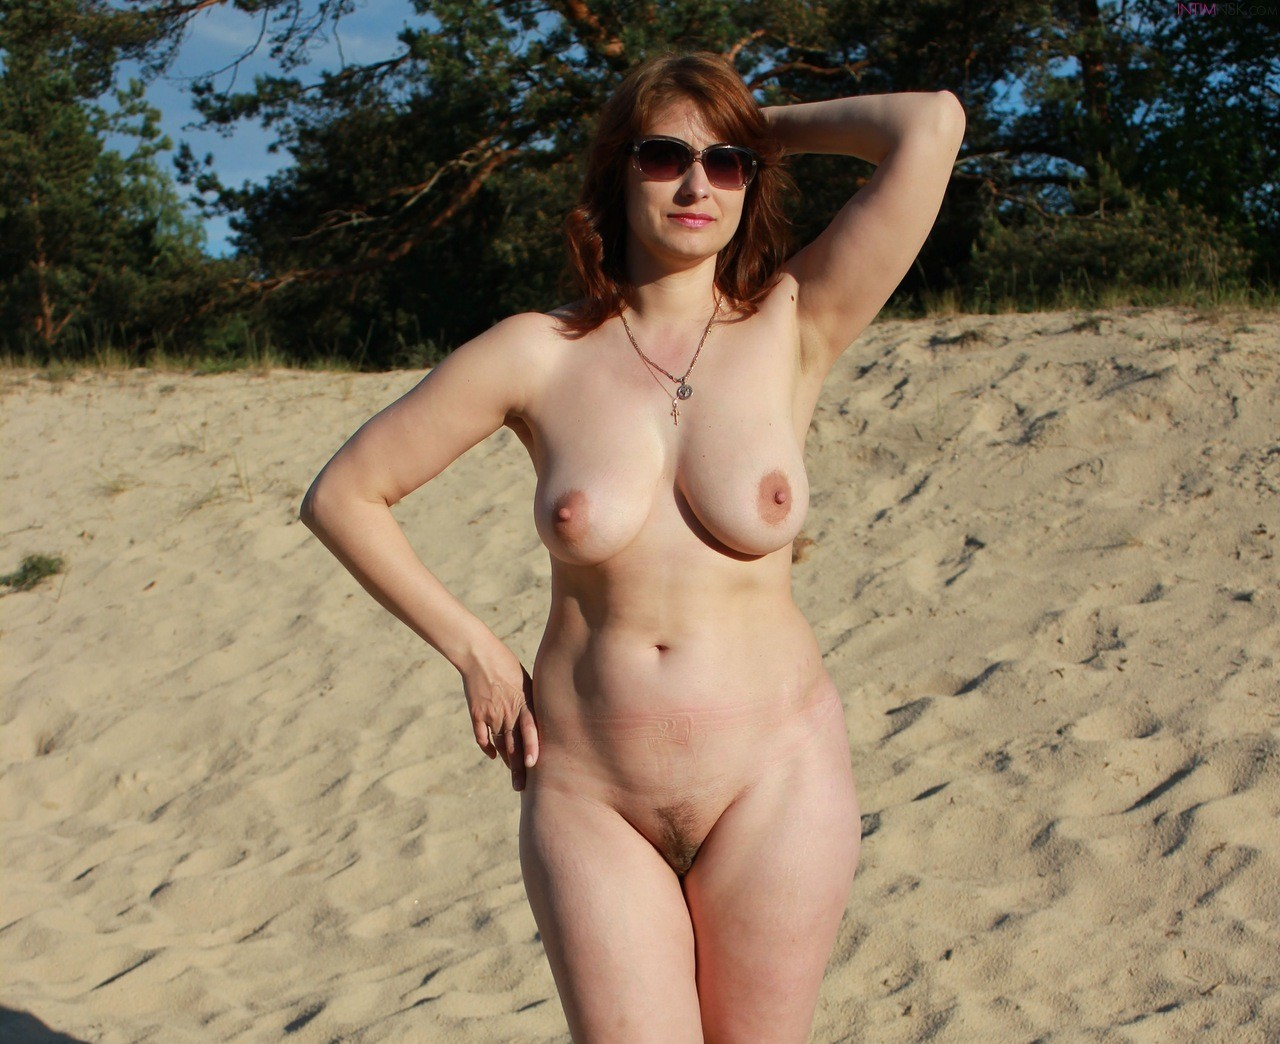 Фото голых девушек 30 ти лет, Порно фото мамок, Фотографии 30 летних женщин 7 фотография